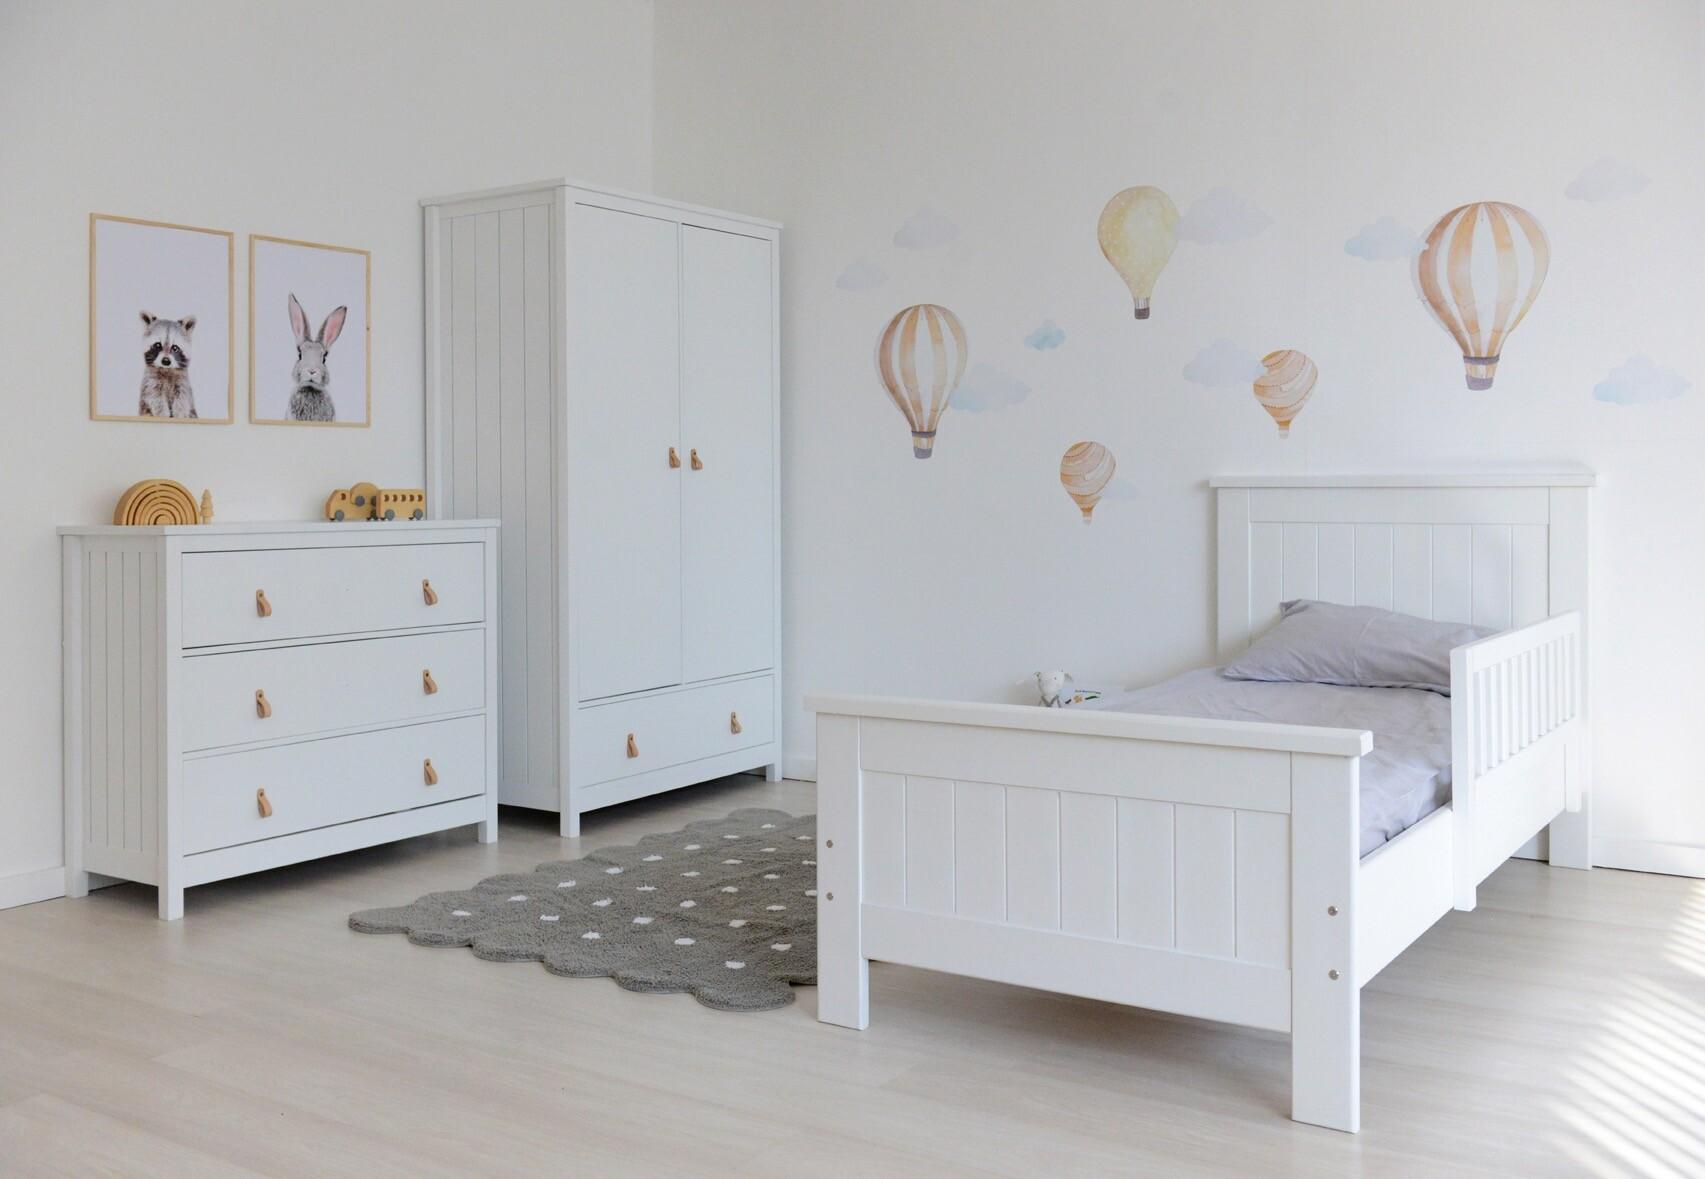 Красиво и безопасно: коллекция детской мебели Classic от Ellipse Furniture